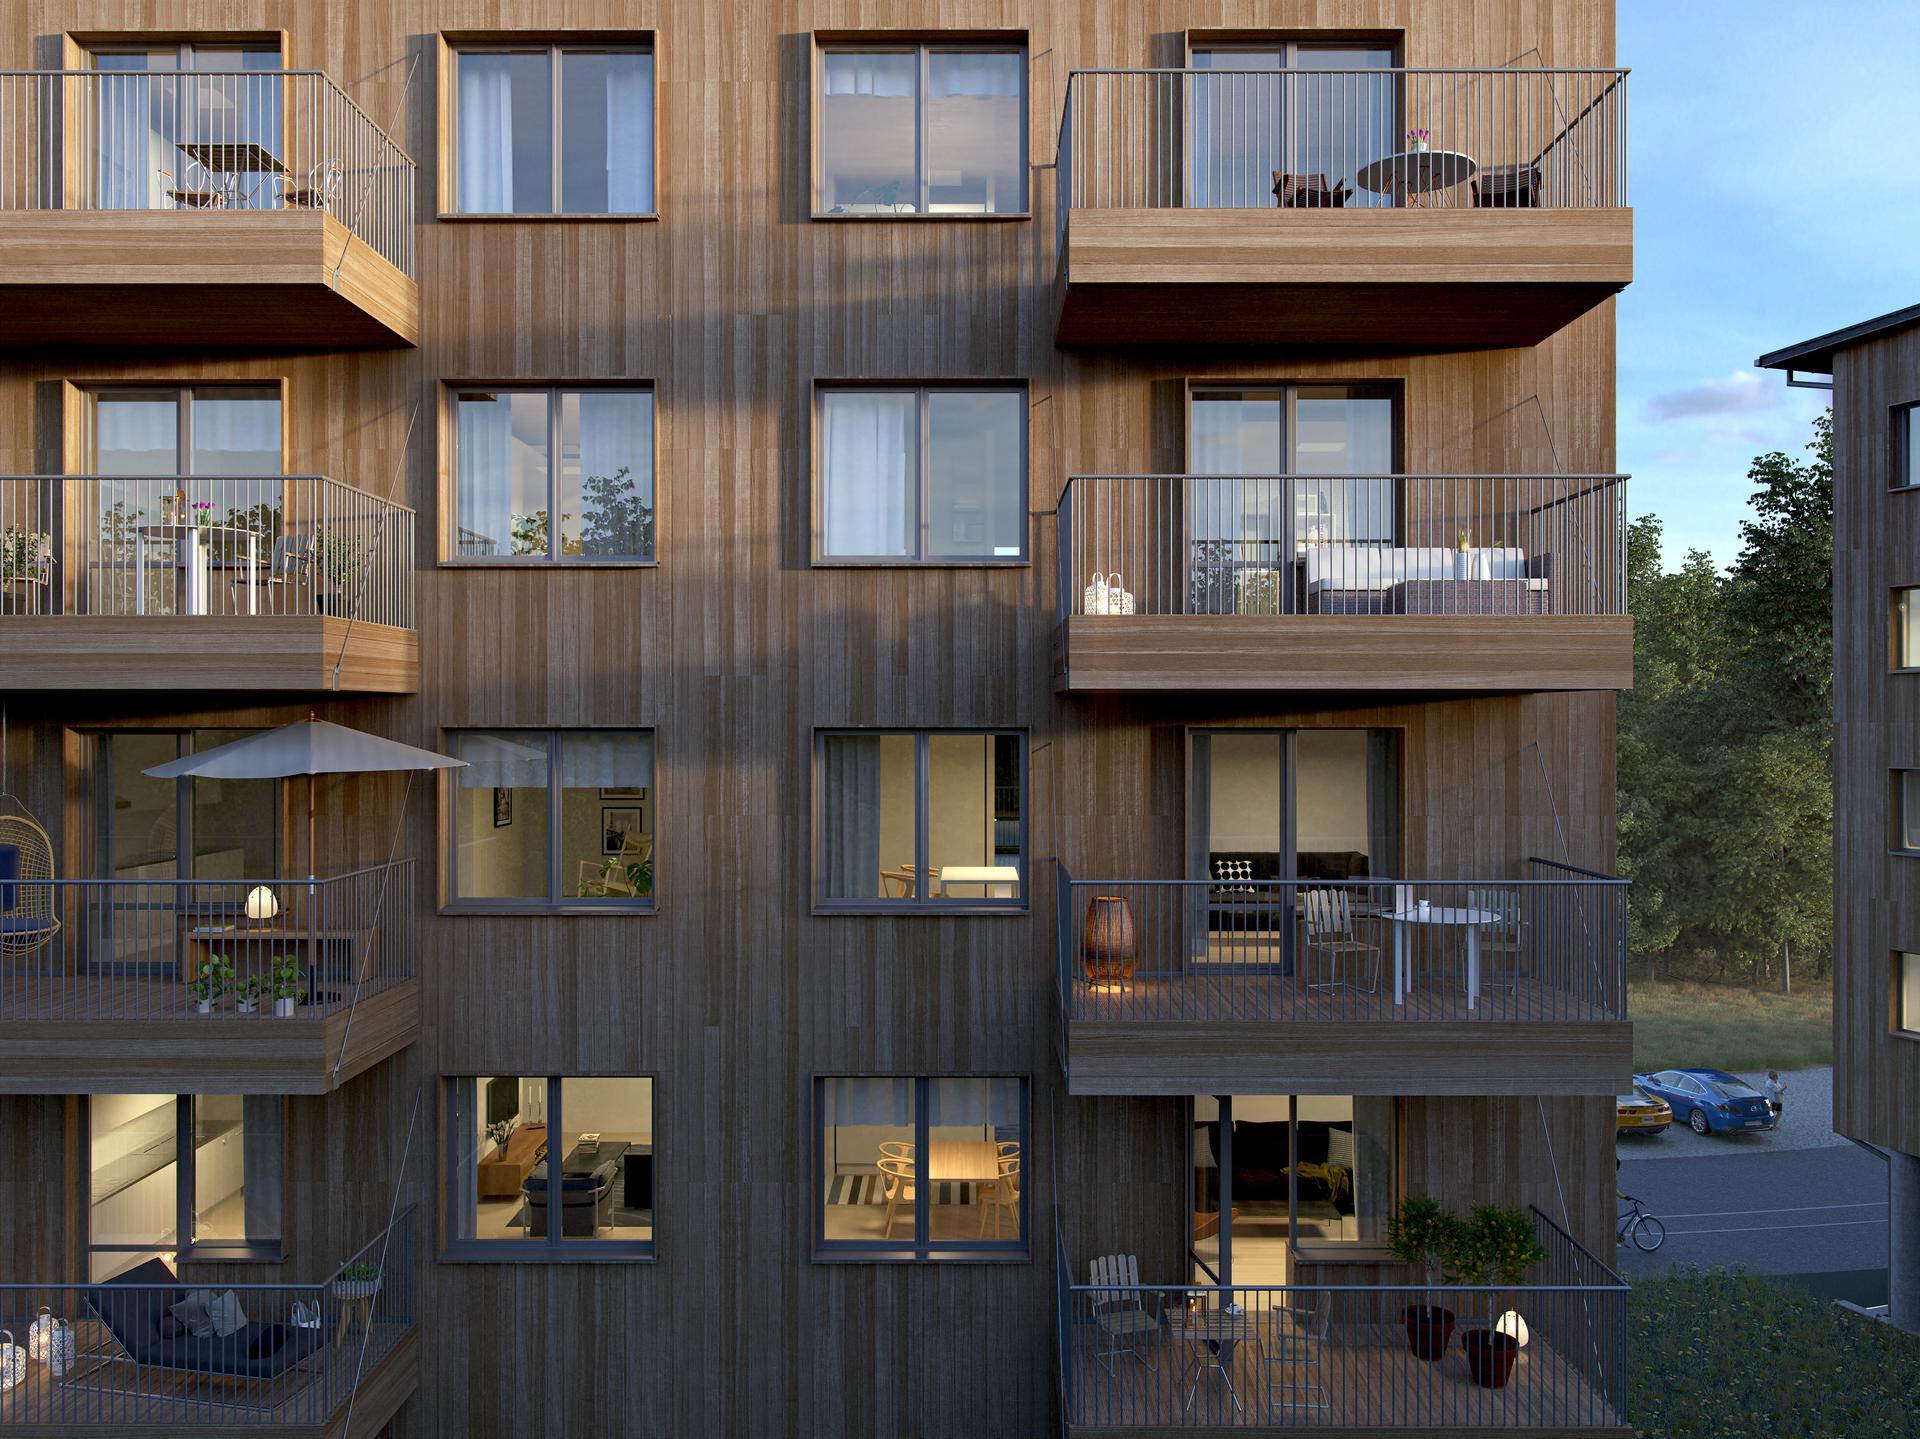 Alla lägenheter har en generöst tilltagen balkong om ca 9 kvadratmeter mot den natursköna omgivningen. Illustrationsbild, avvikelser kan förekomma.